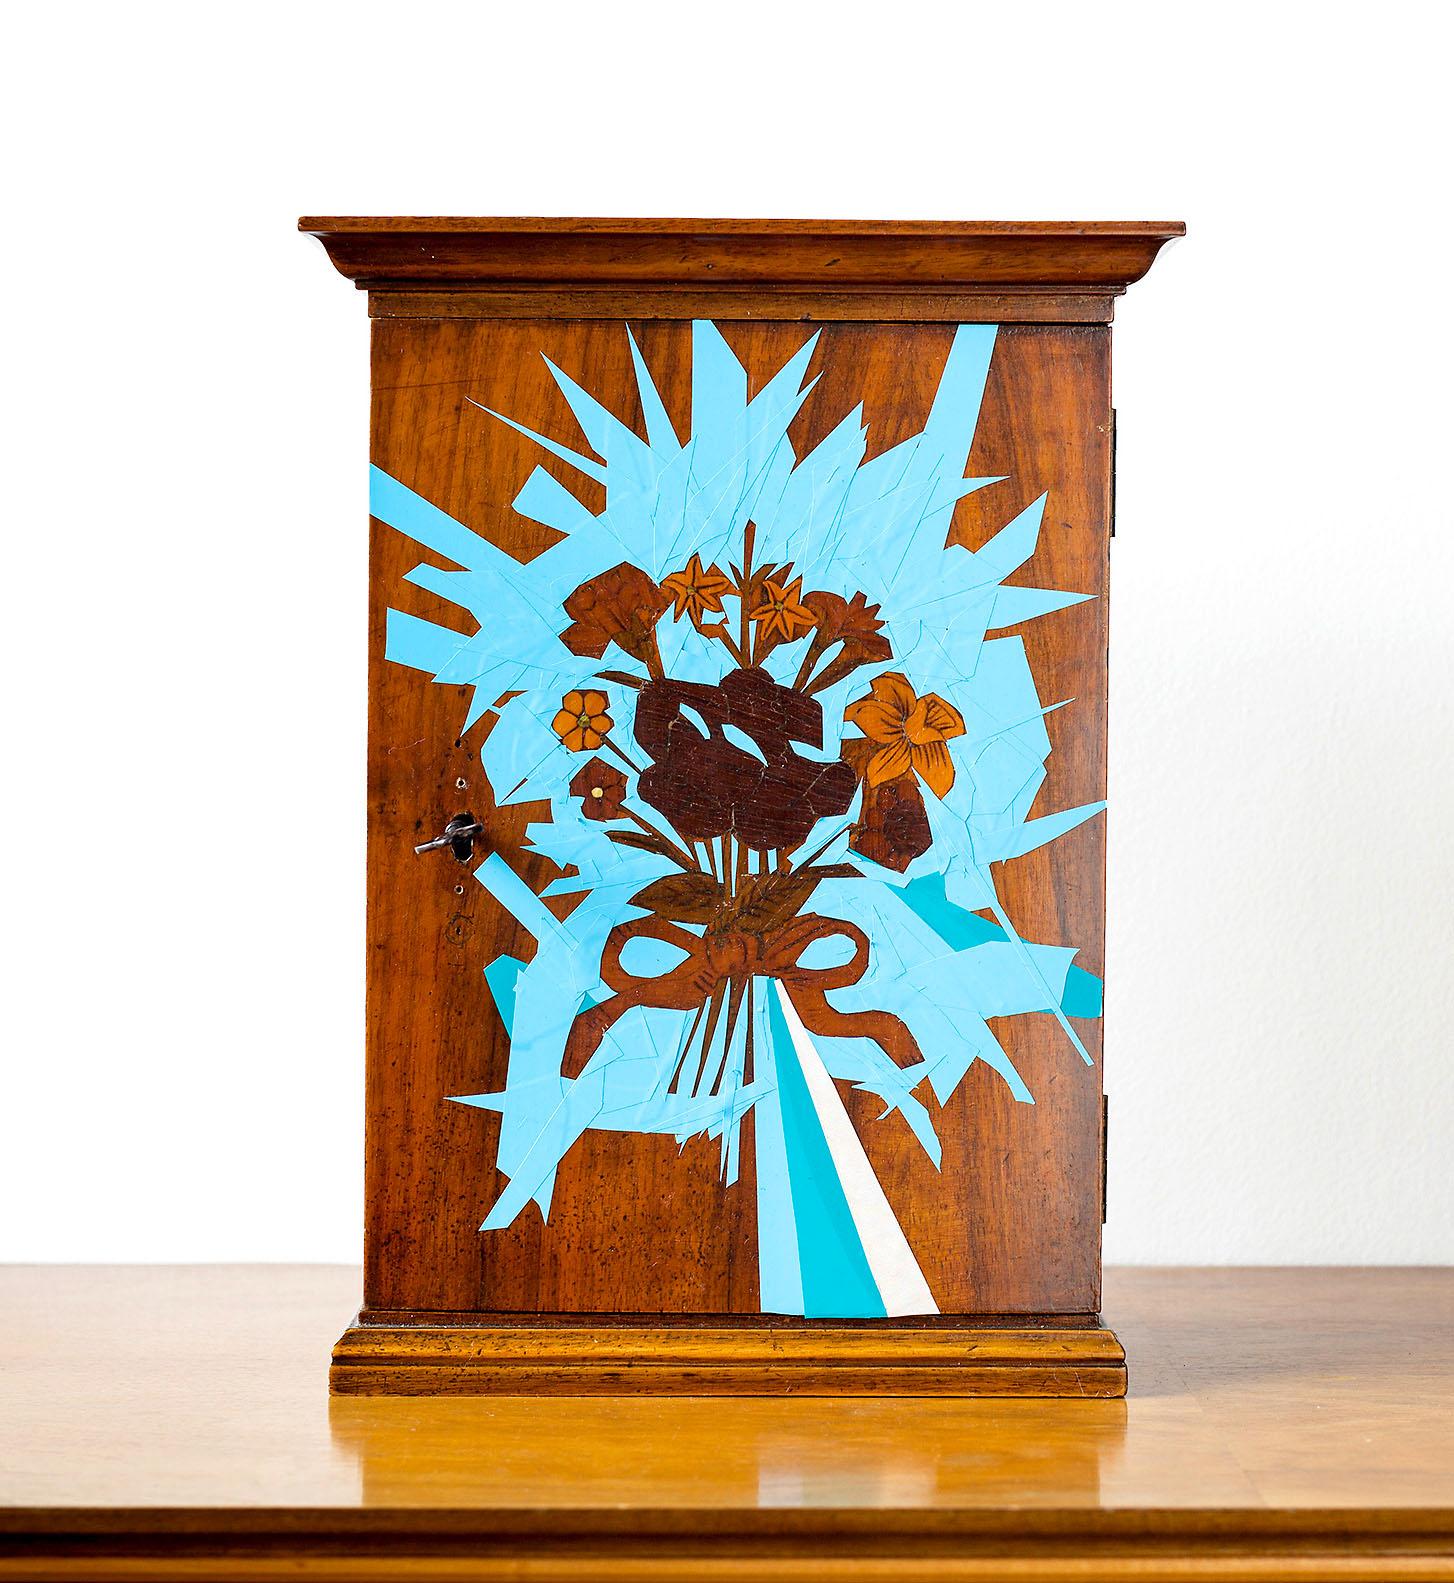 """o.T. aus """"Endemisches Kollegium"""", 2017, außen, 36 x 26,7 x 13 cm, Applikation diverser Materialien in und auf Holzschrein"""